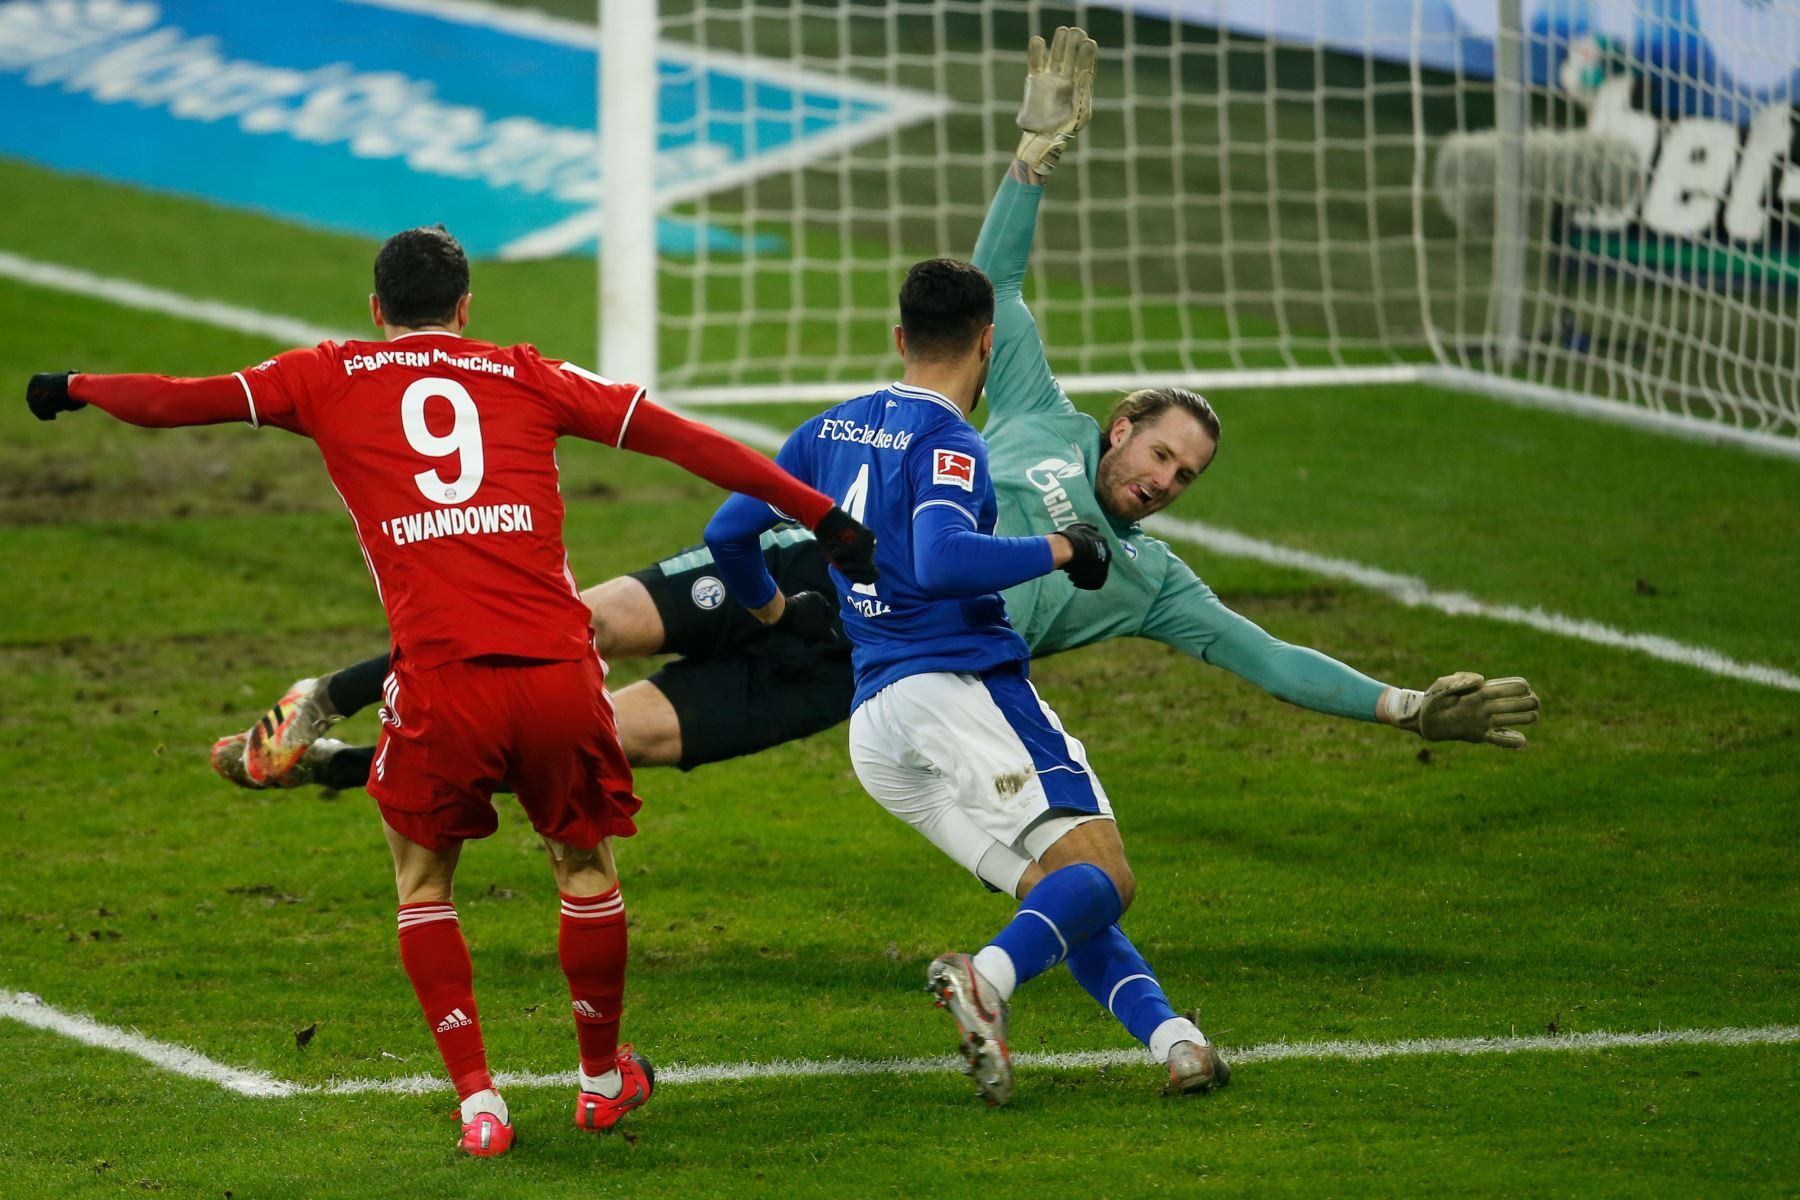 El delantero polaco del Bayern de Múnich, Robert Lewandowski, marca el gol de 0-2 durante el partido de fútbol de la primera división de la Bundesliga alemana Schalke 04 contra el FC Bayern de Múnich en Gelsenkirchen, Alemania occidental. Foto: AFP